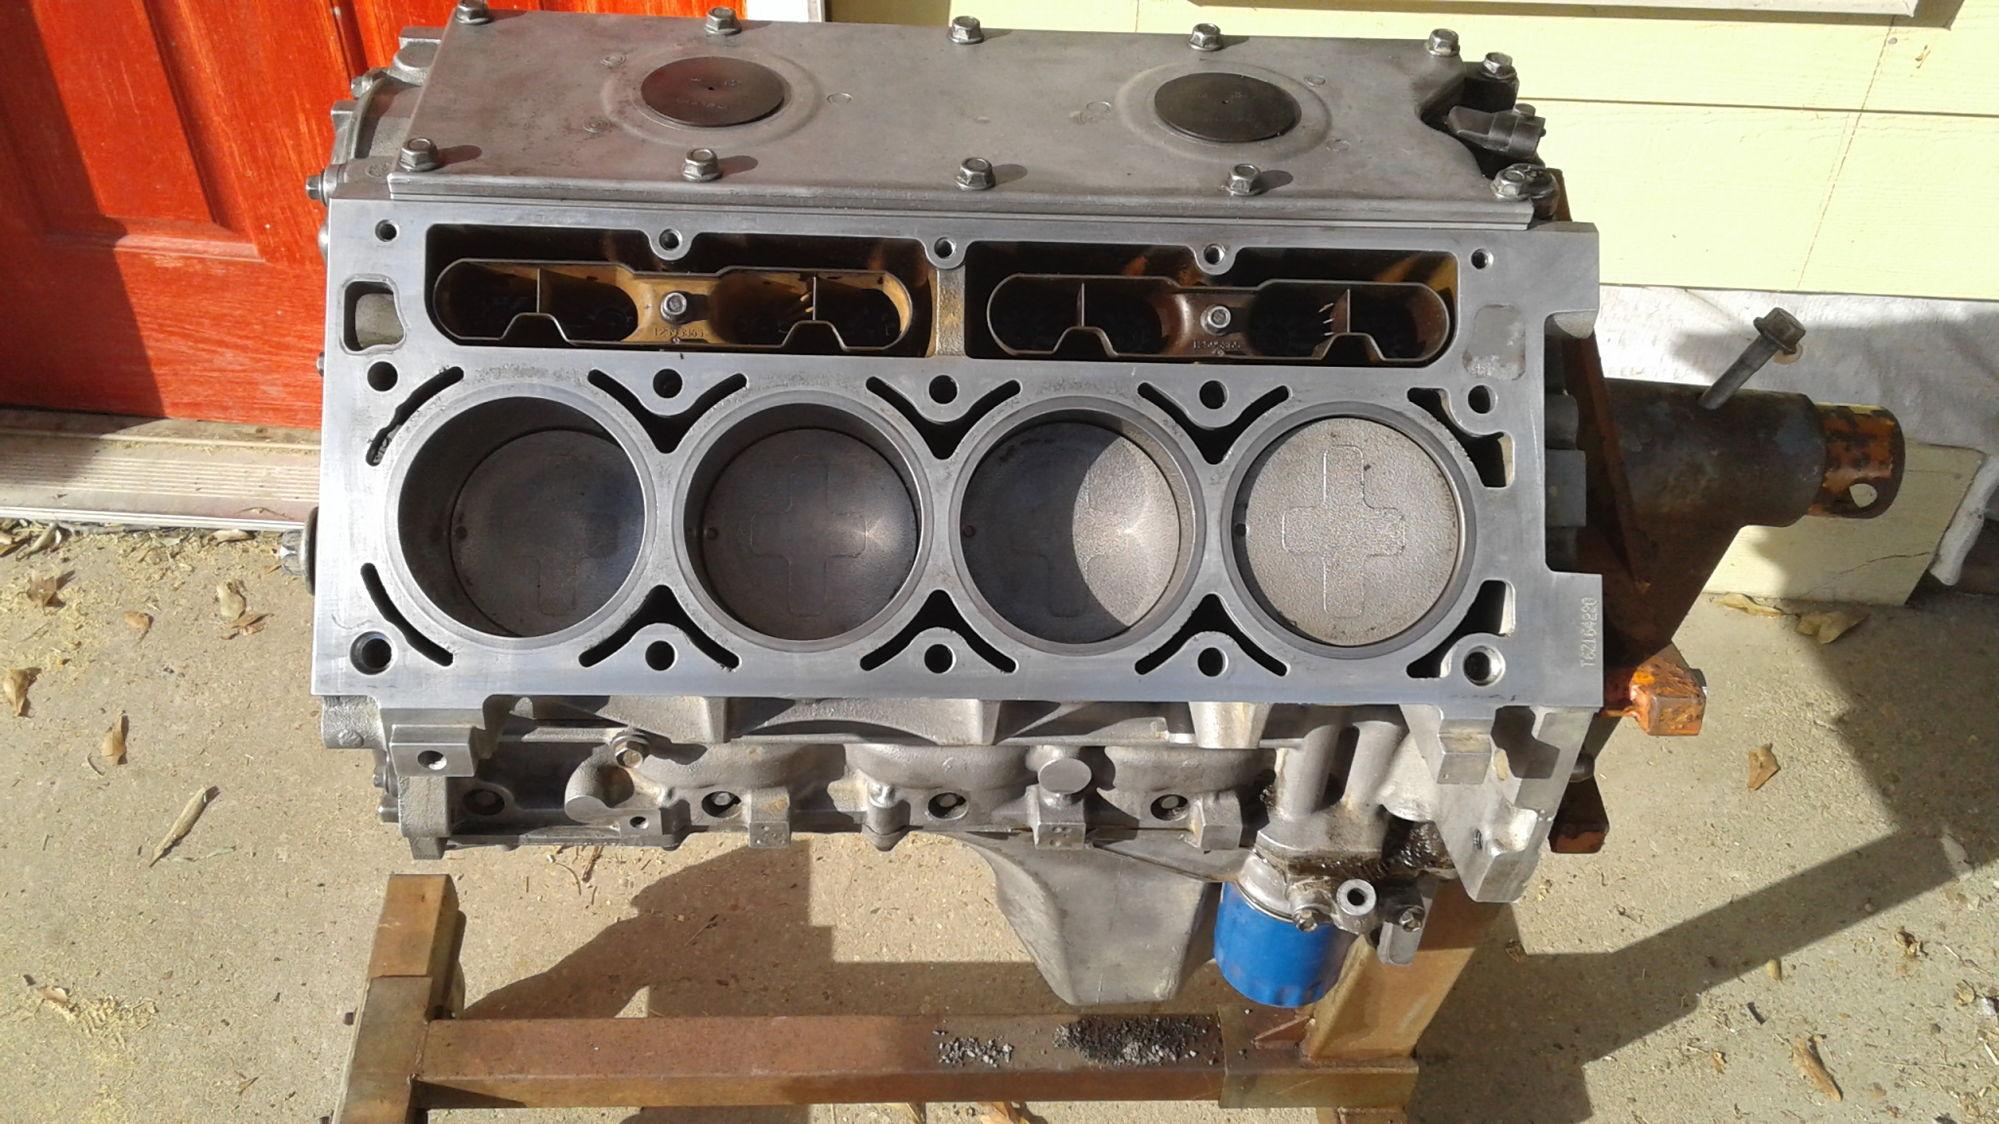 New Update L33 2006 Short Block Aluminum 5 3 Vortec